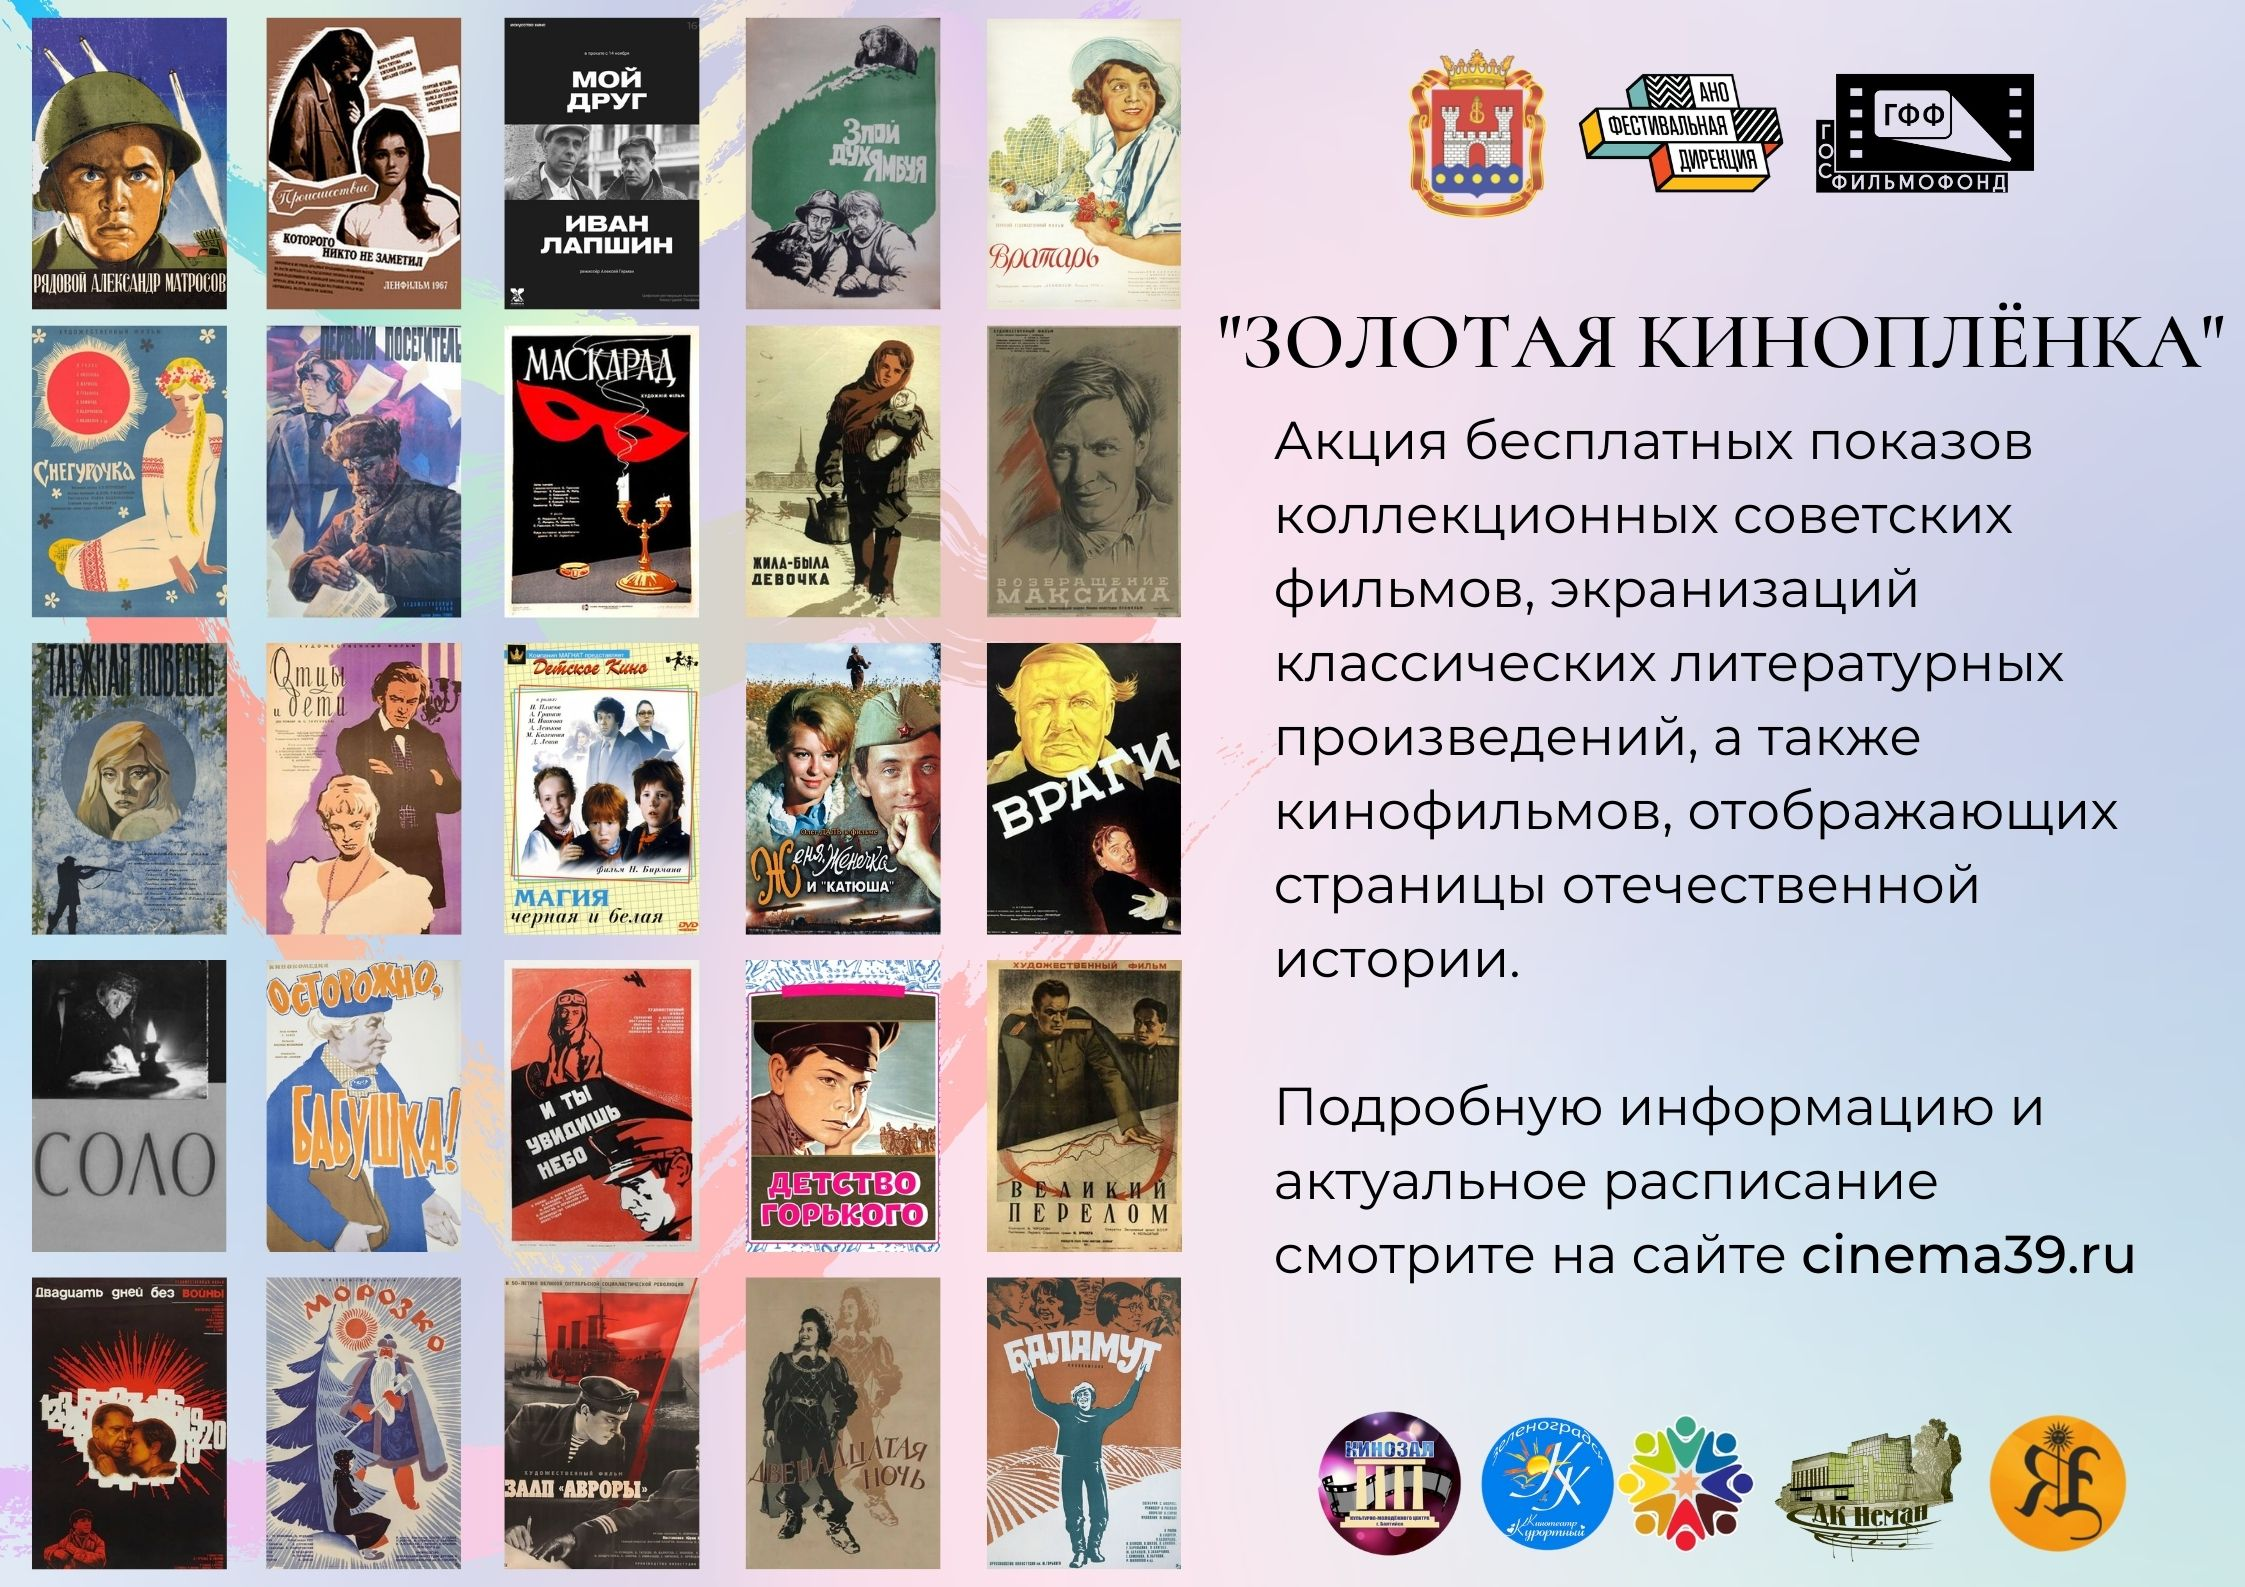 «Золотая киноплёнка»: в Калининградской области пройдут бесплатные кинопоказы советских фильмов